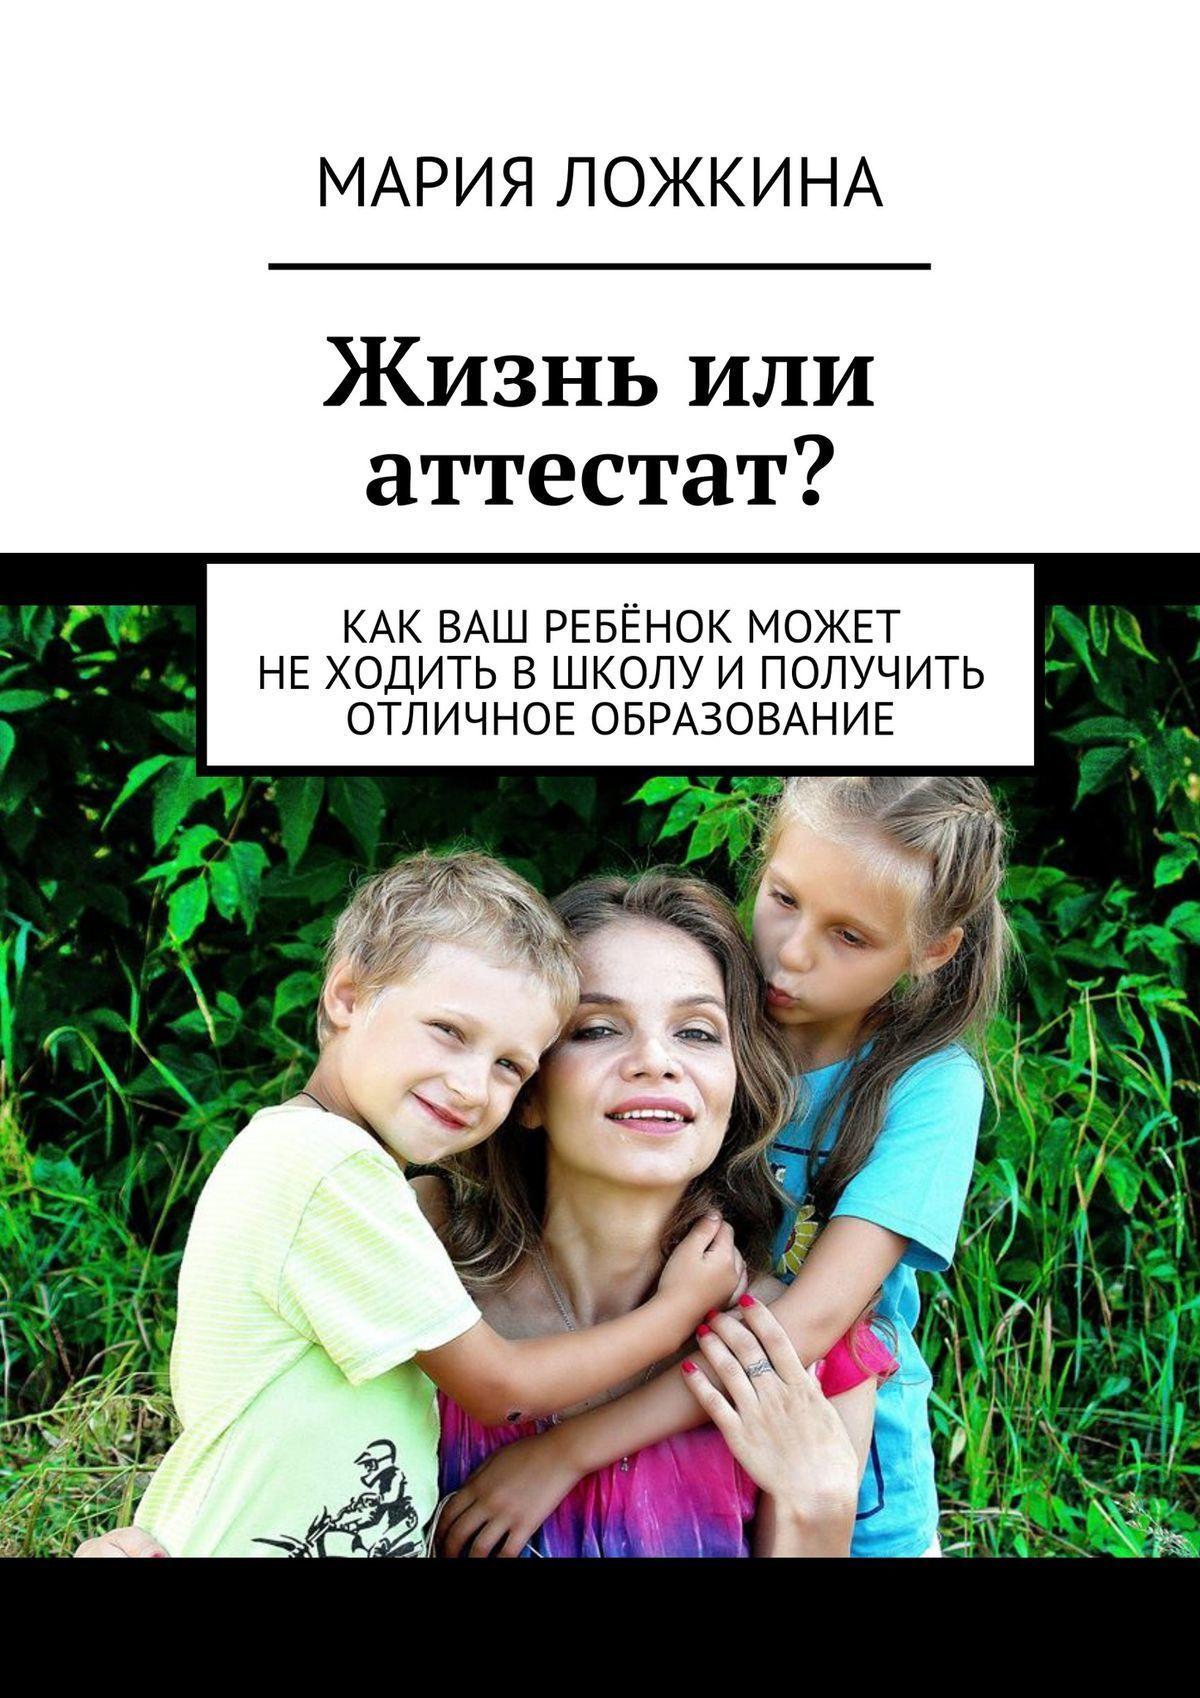 Мария Юрьевна Ложкина Жизнь или аттестат? Как ваш ребёнок может неходить вшколу иполучить отличное образование